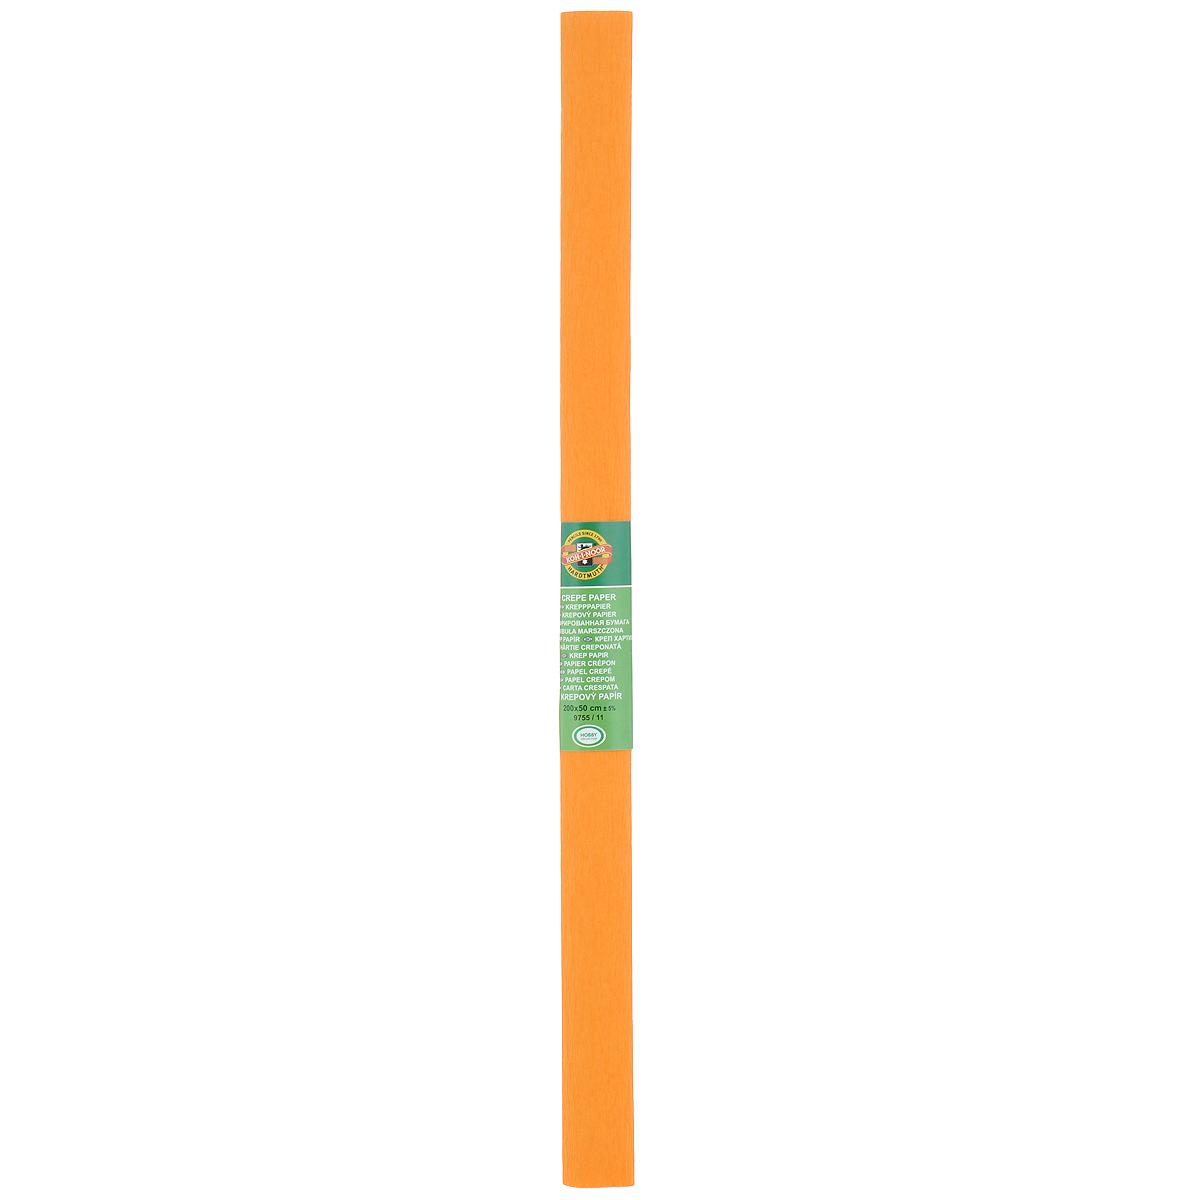 """Бумага гофрированная """"Koh-I-Noor"""", цвет: светло-оранжевый, 50 см x 2 м"""